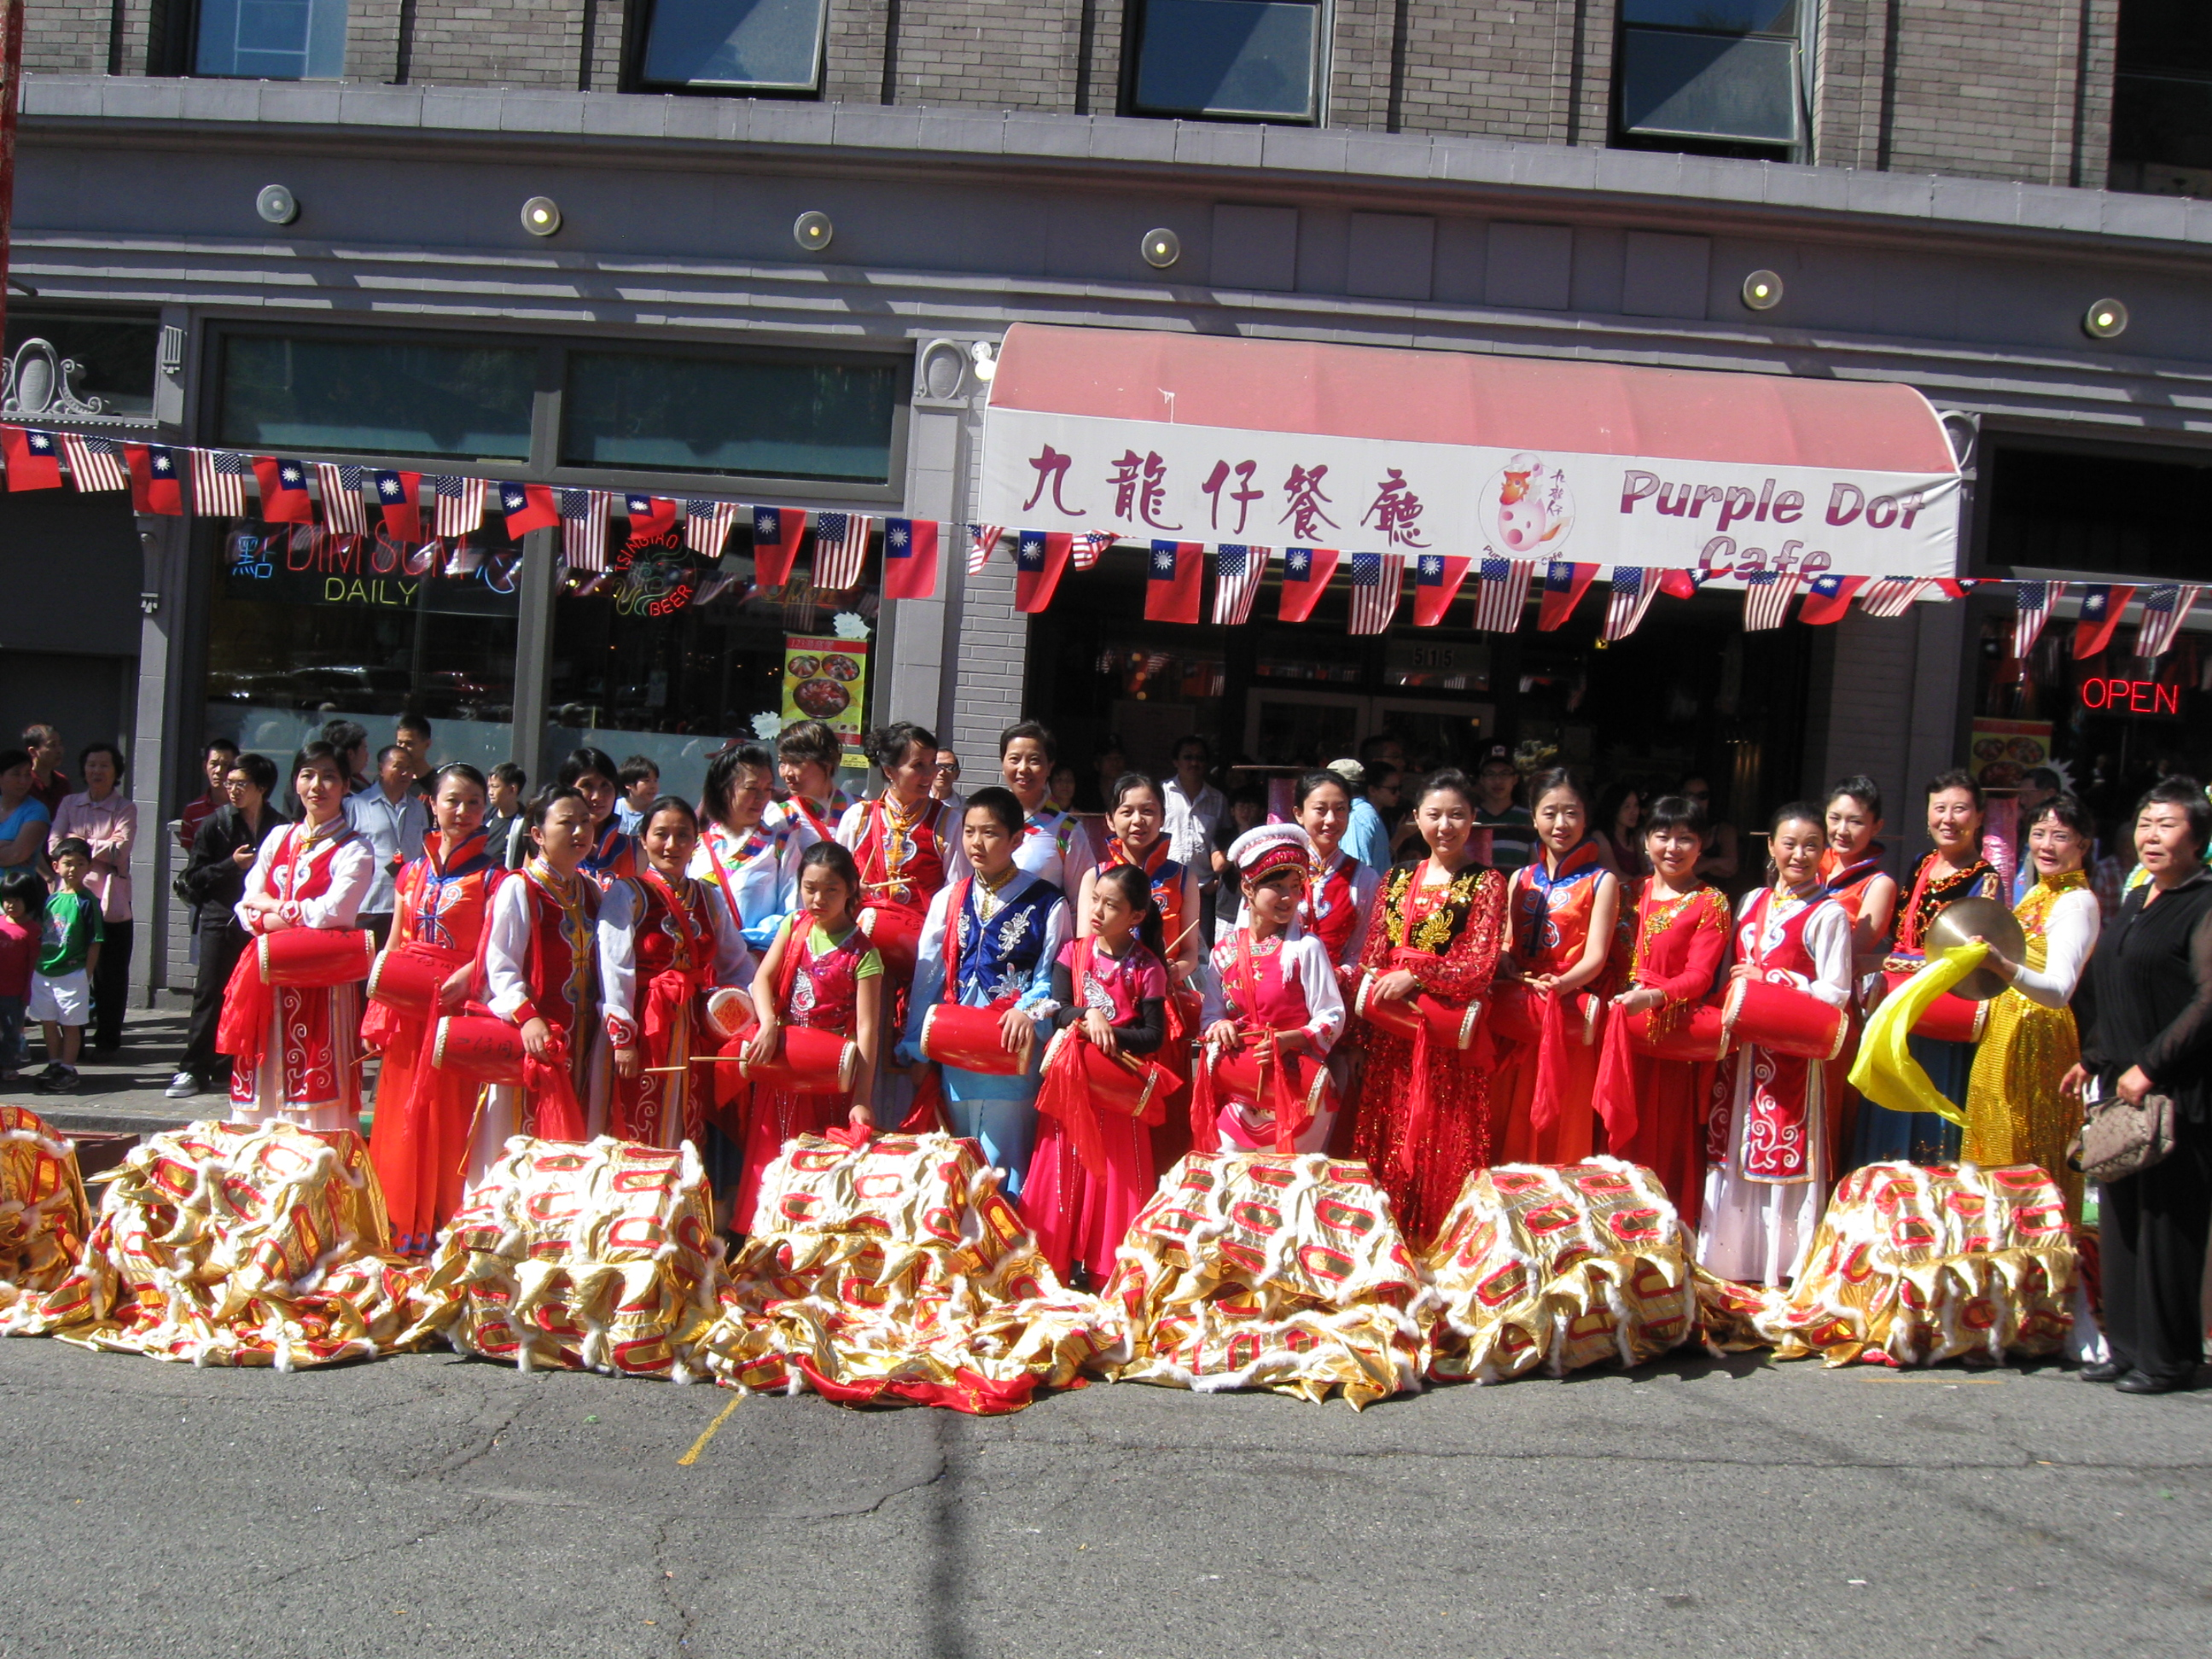 2012 Chinatown Seafair Parade Image 225